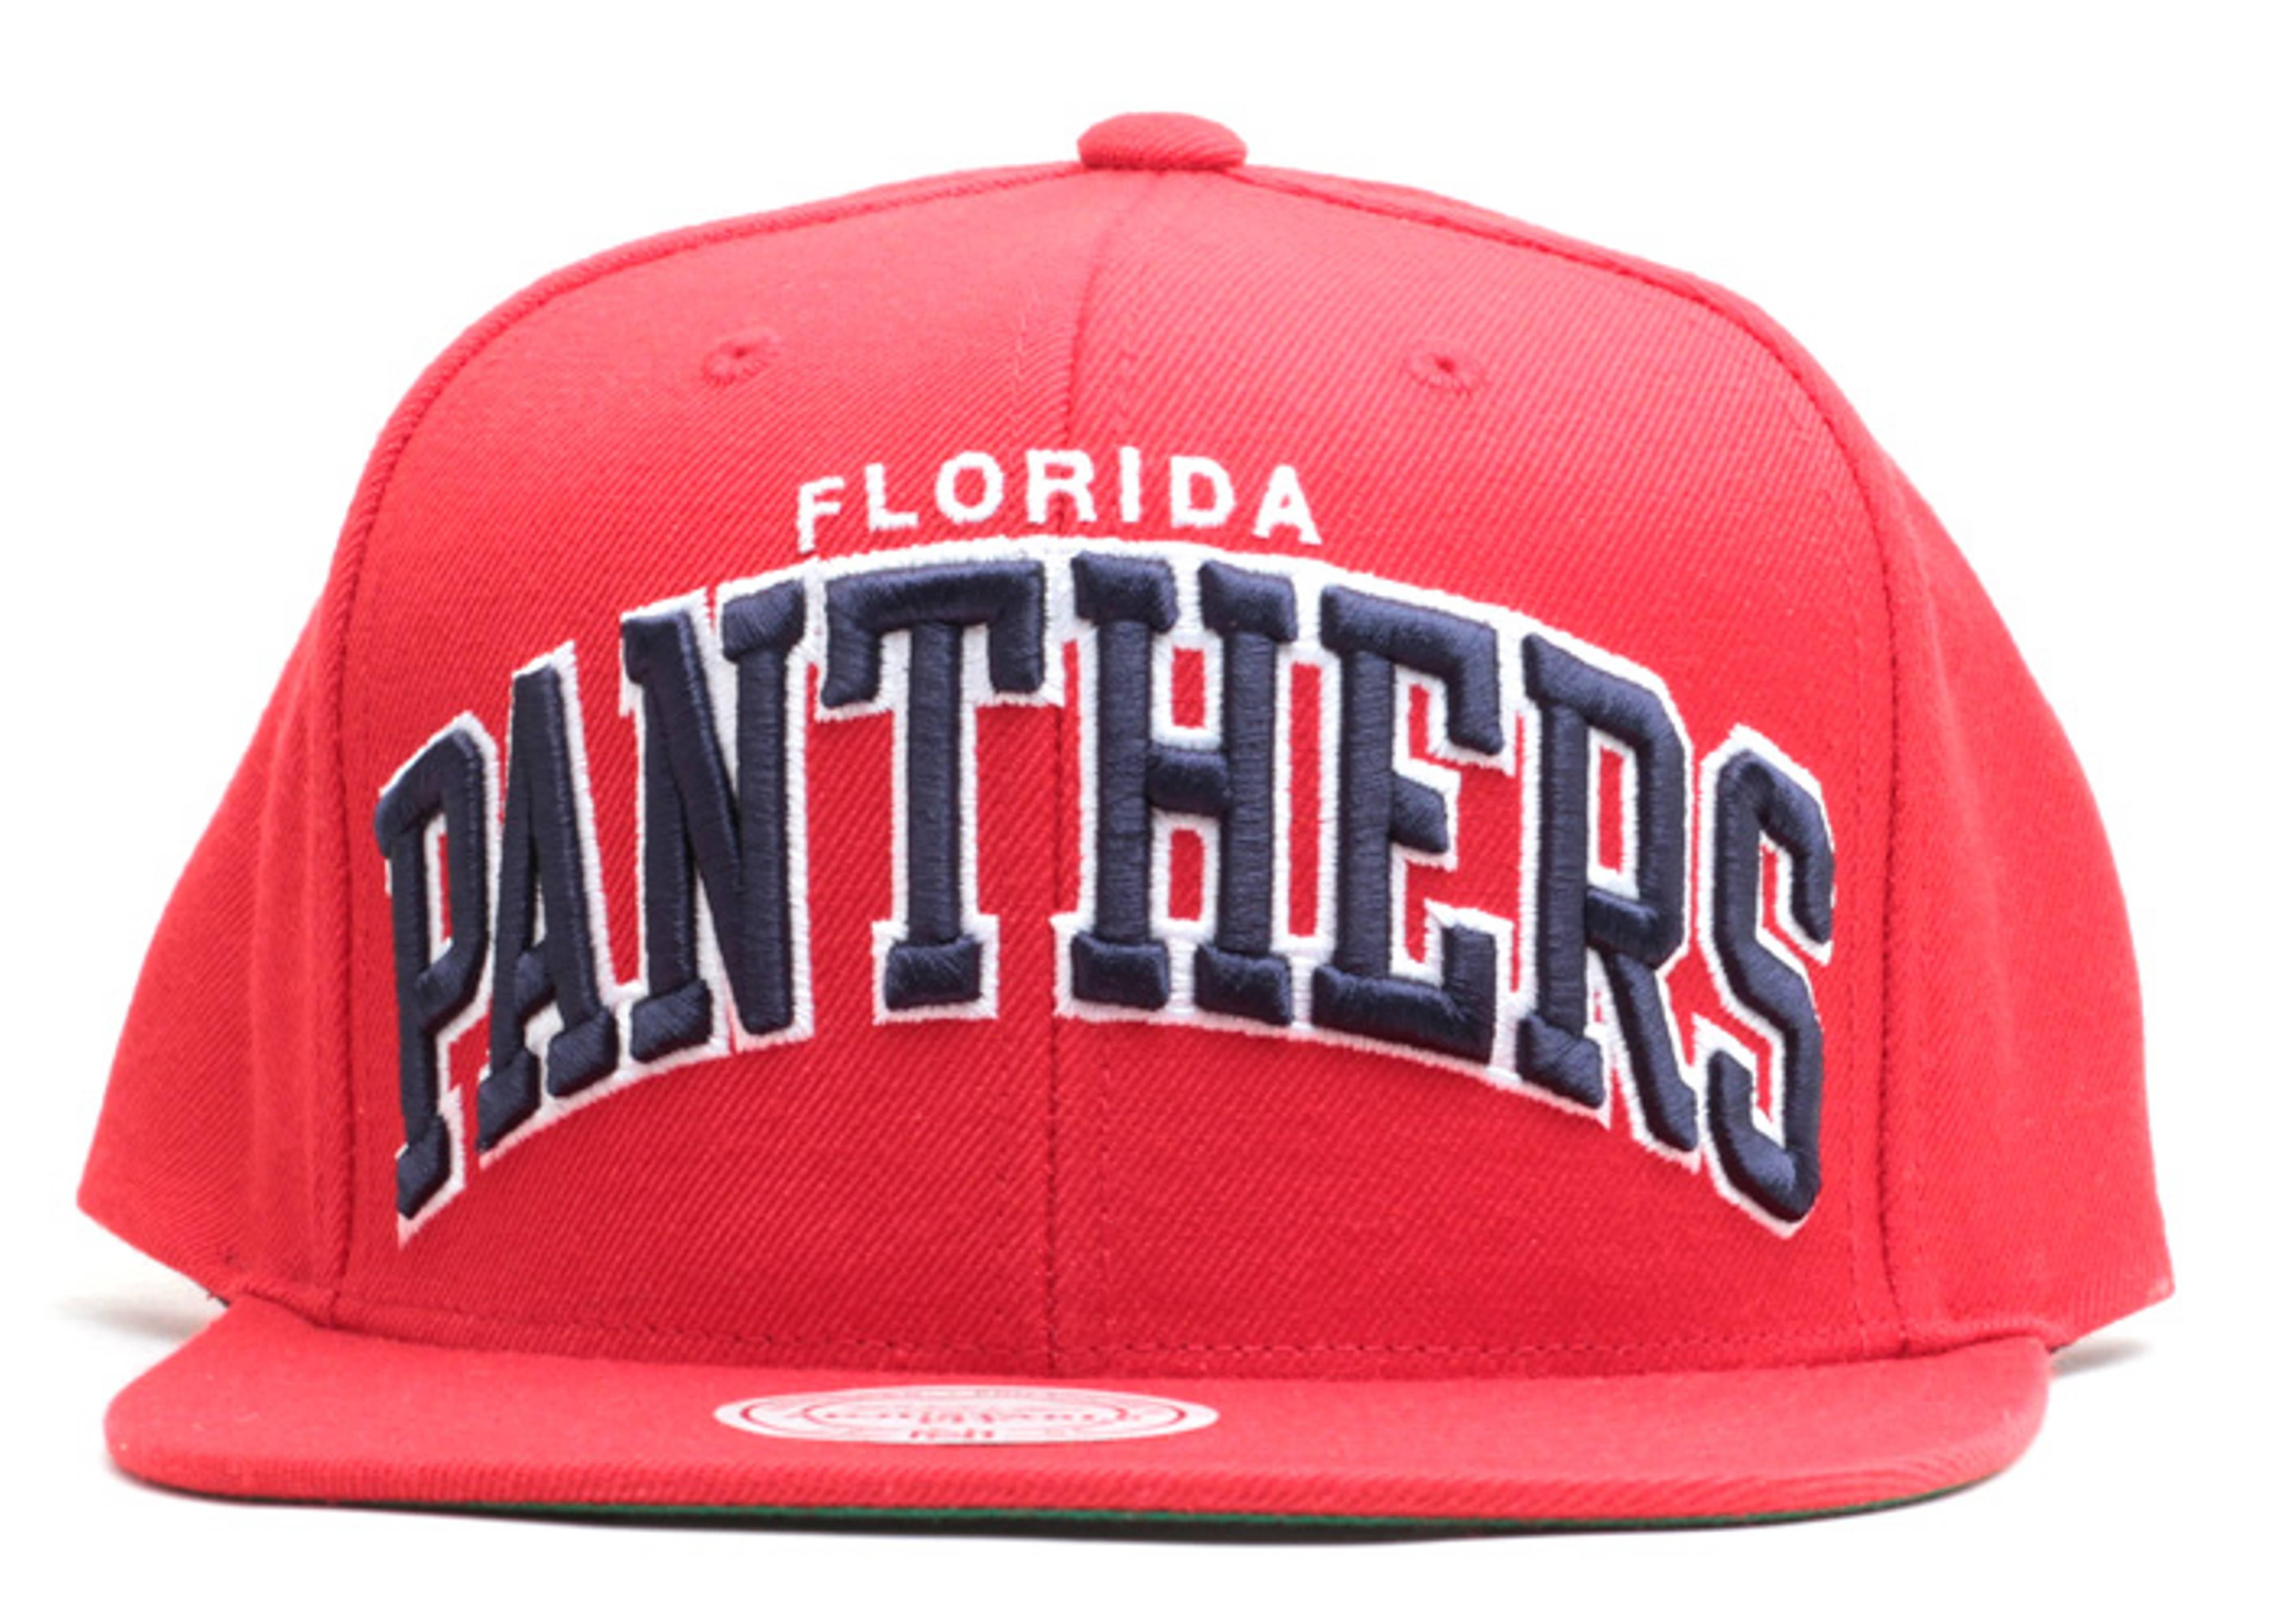 florida panthers snap-back